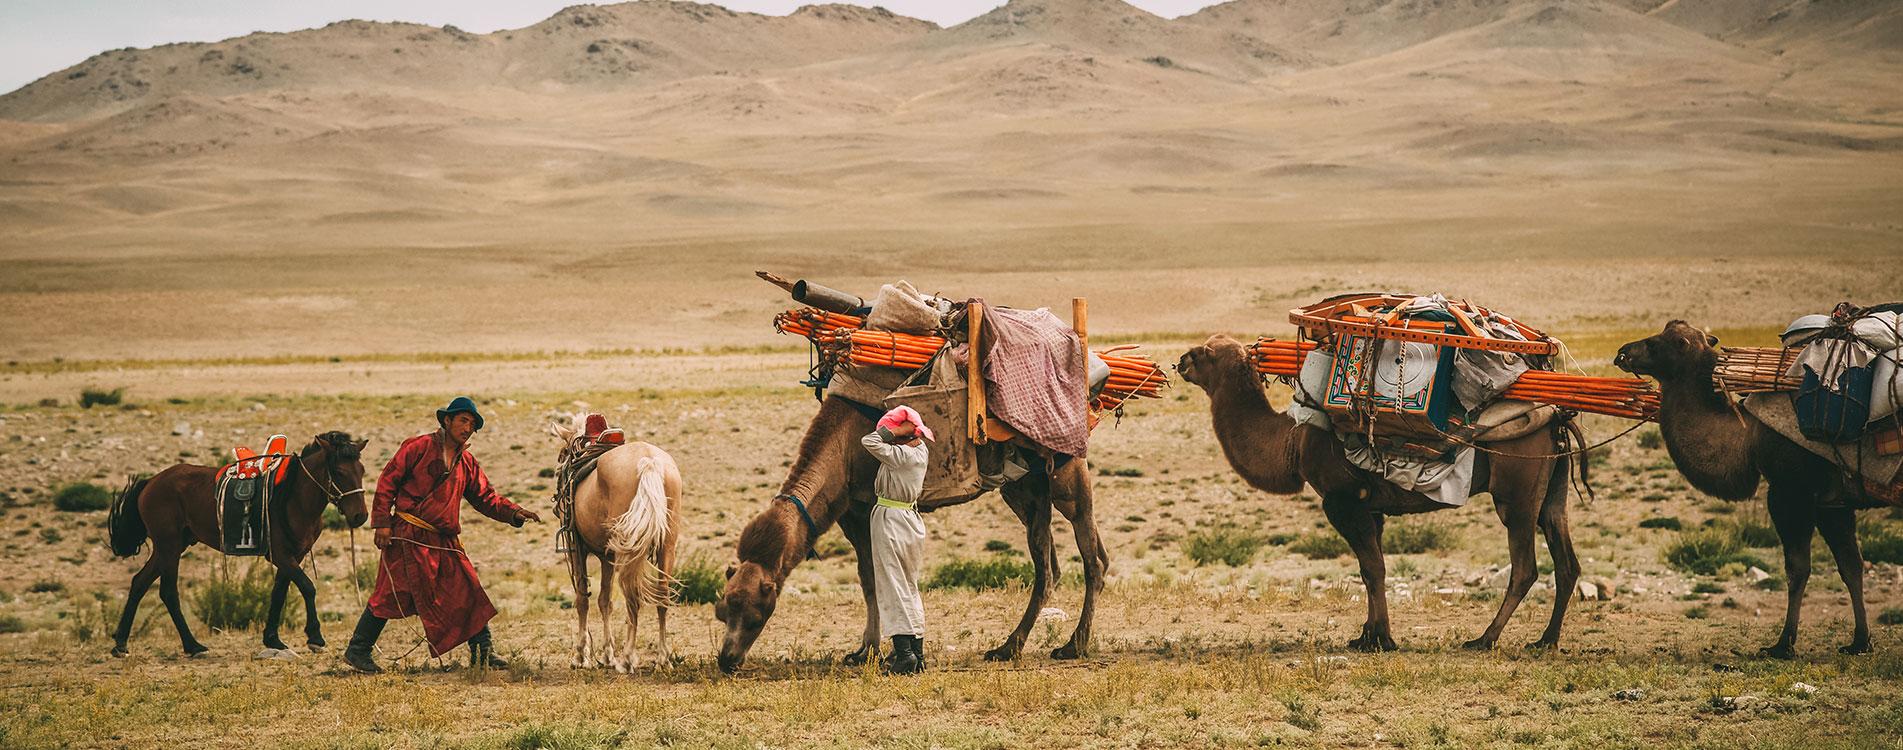 Mongolian-nomadic-family-cover3.jpg